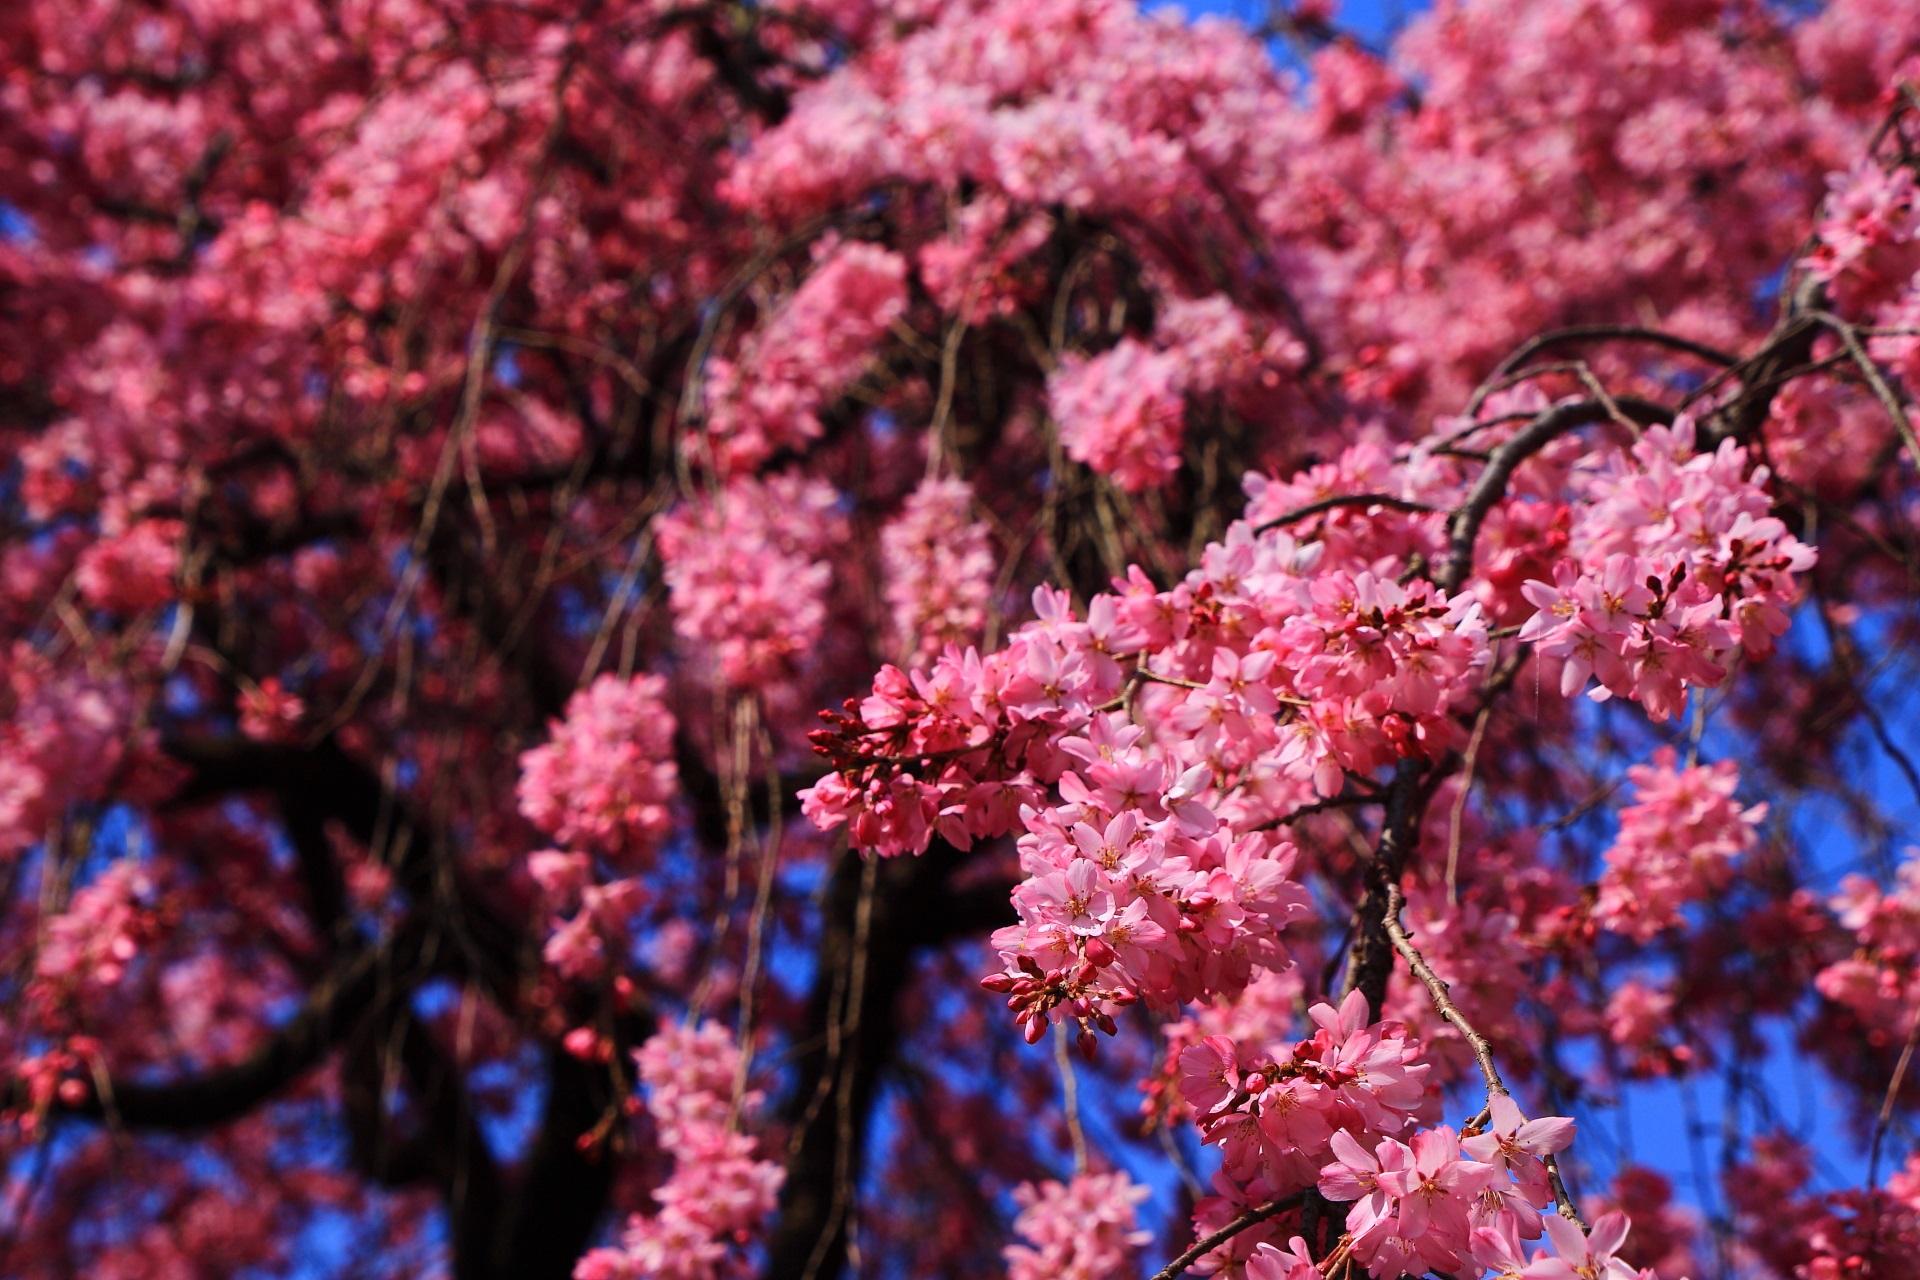 青空に映える濃いめのピンクの桜